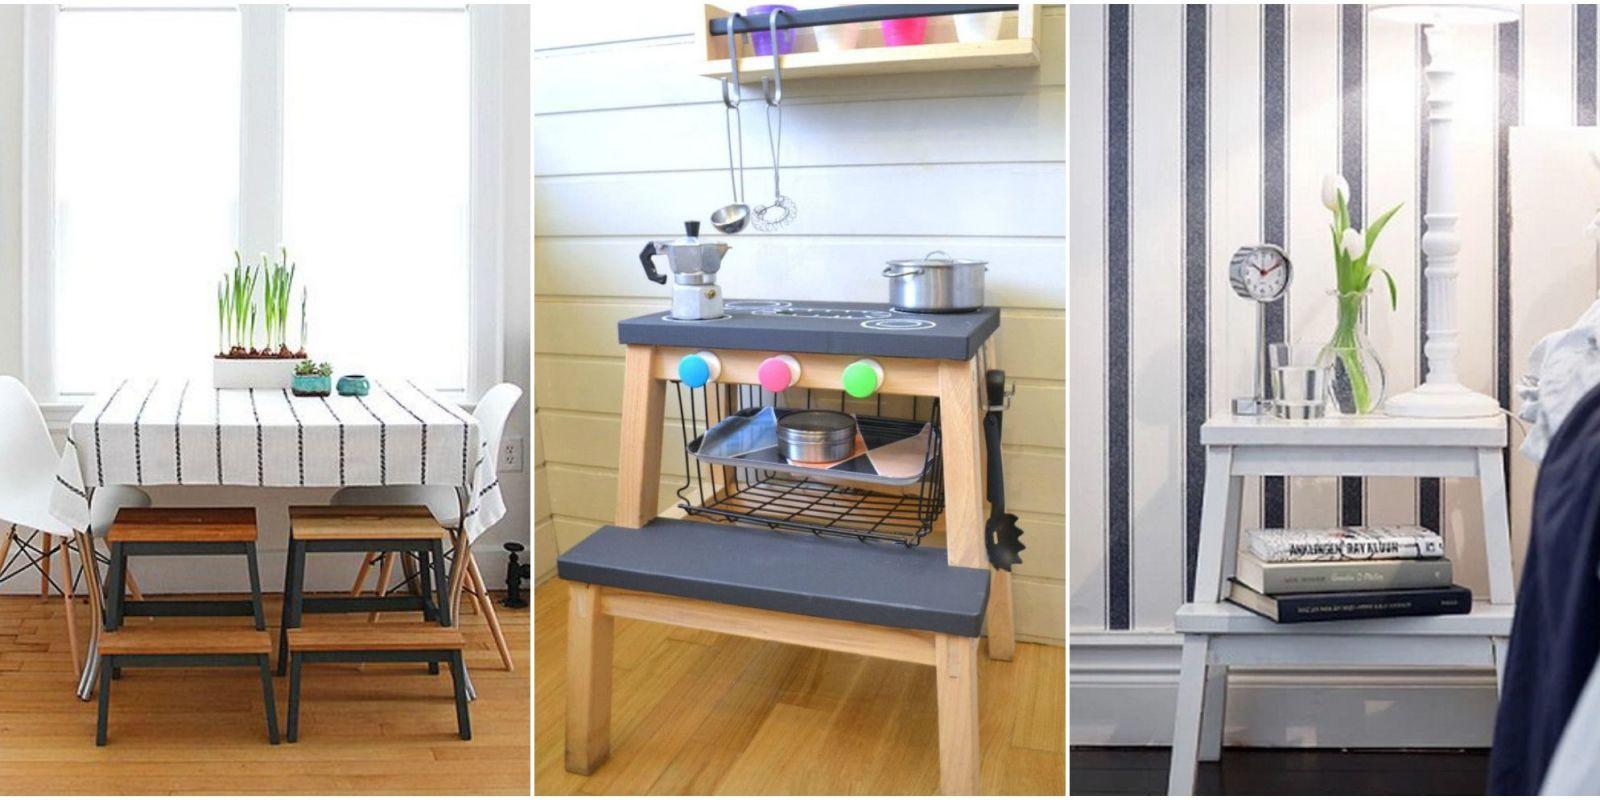 Ikea bekvam step stool ikea hacks - Ikea portaspezie bekvam ...